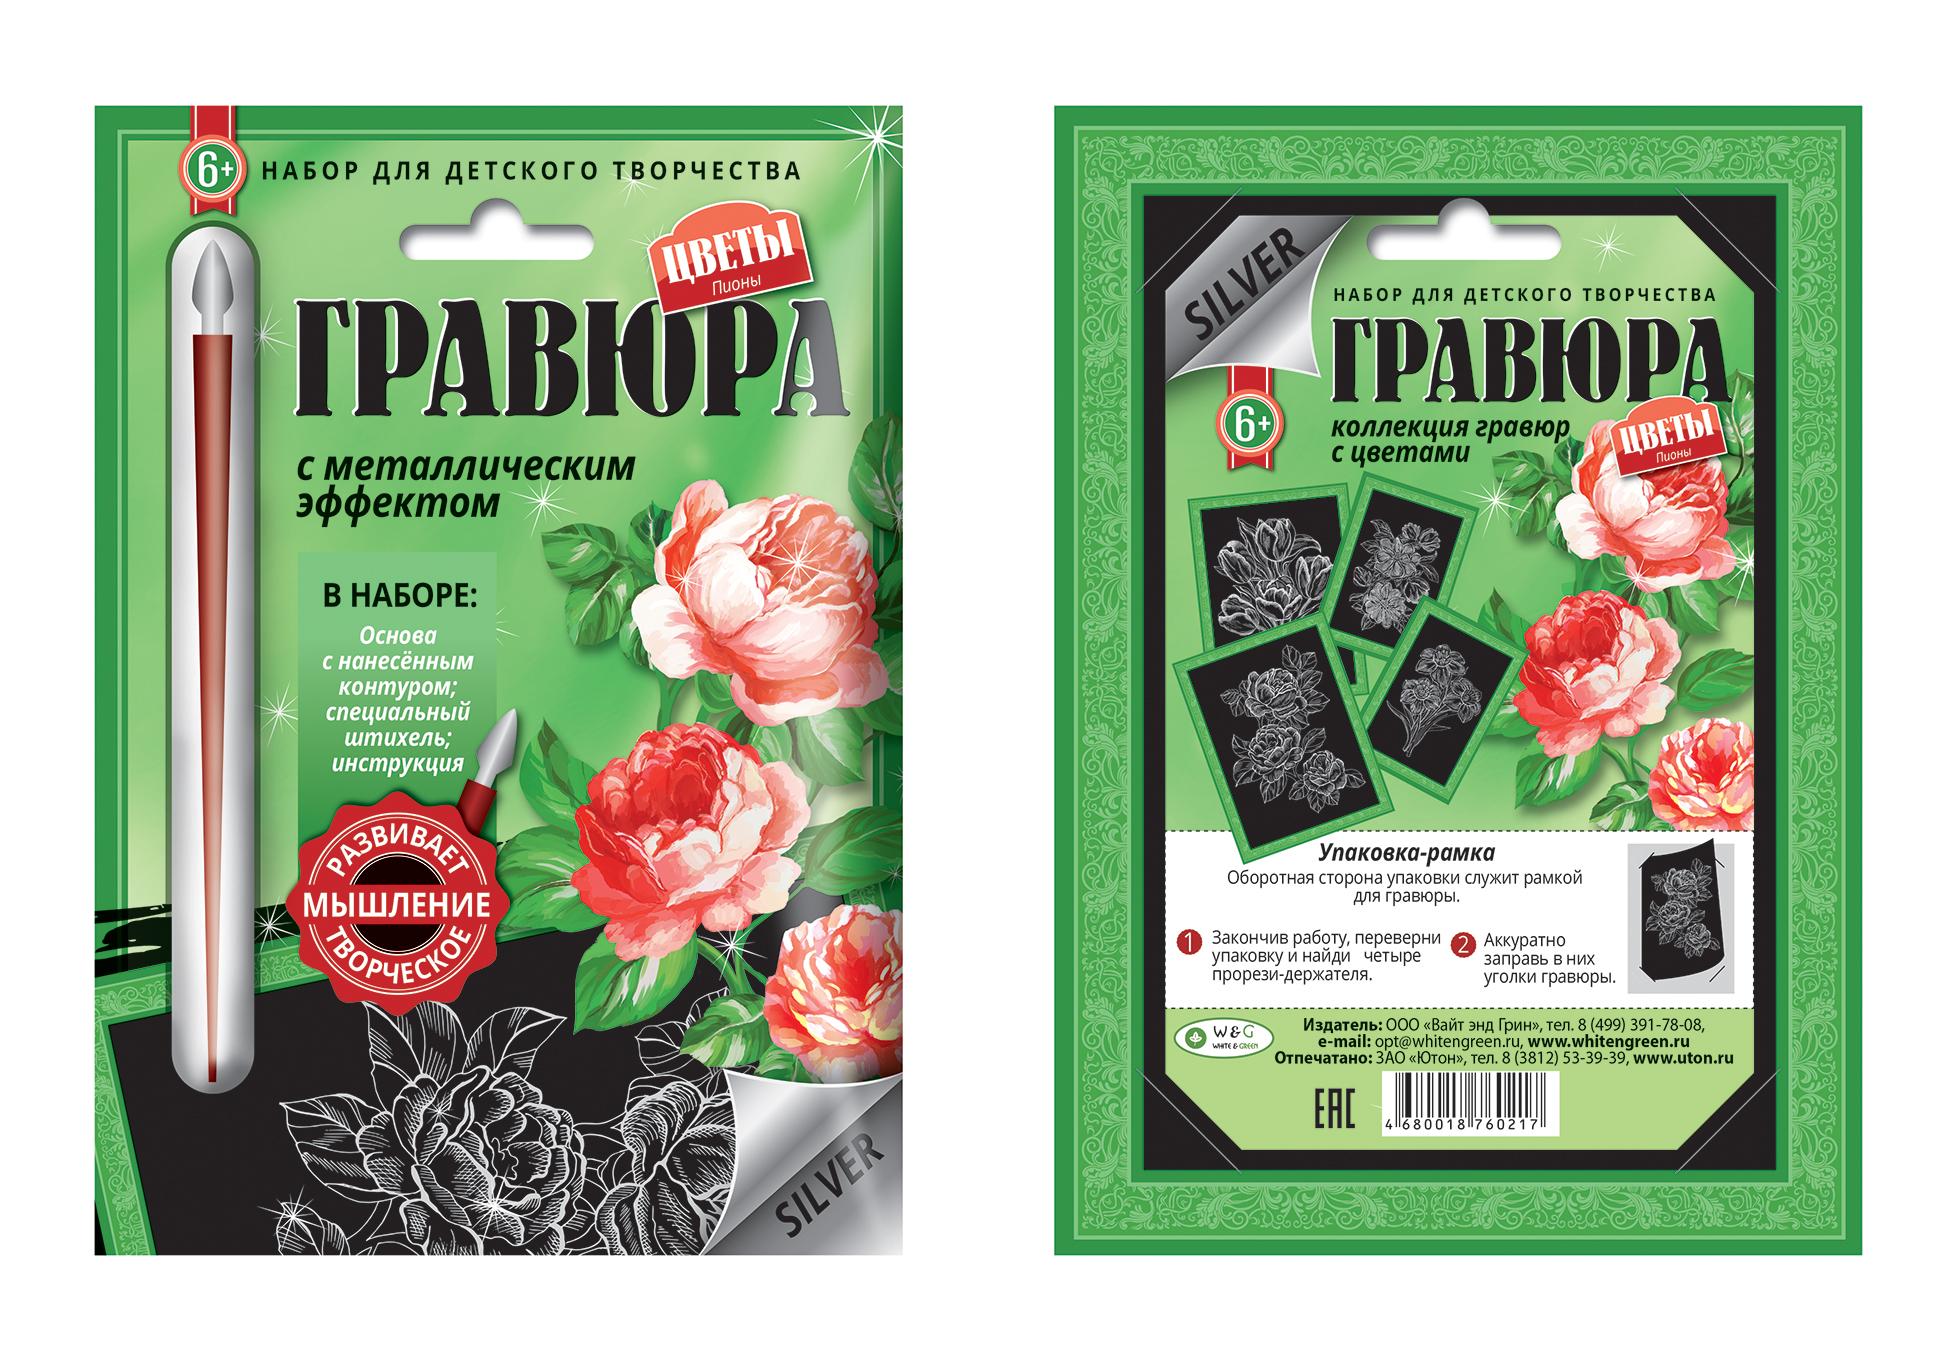 tsvetov-magazini-minsk-tyulpani